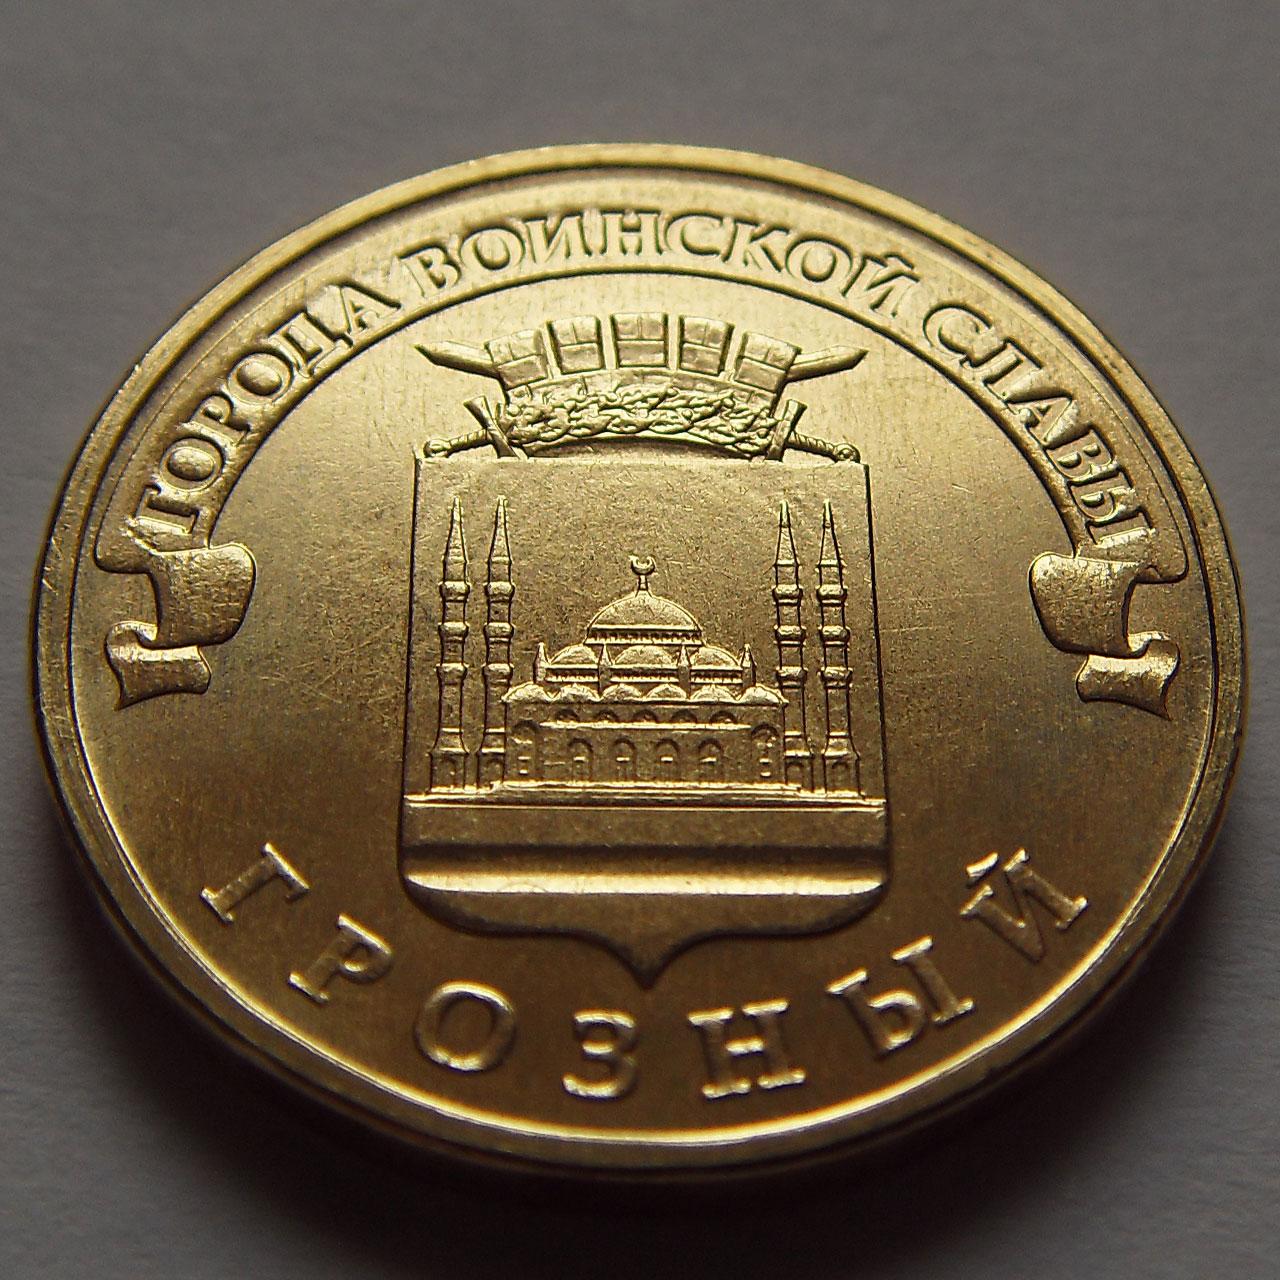 Монета Грозный 2015 года 10 рублей - реверс